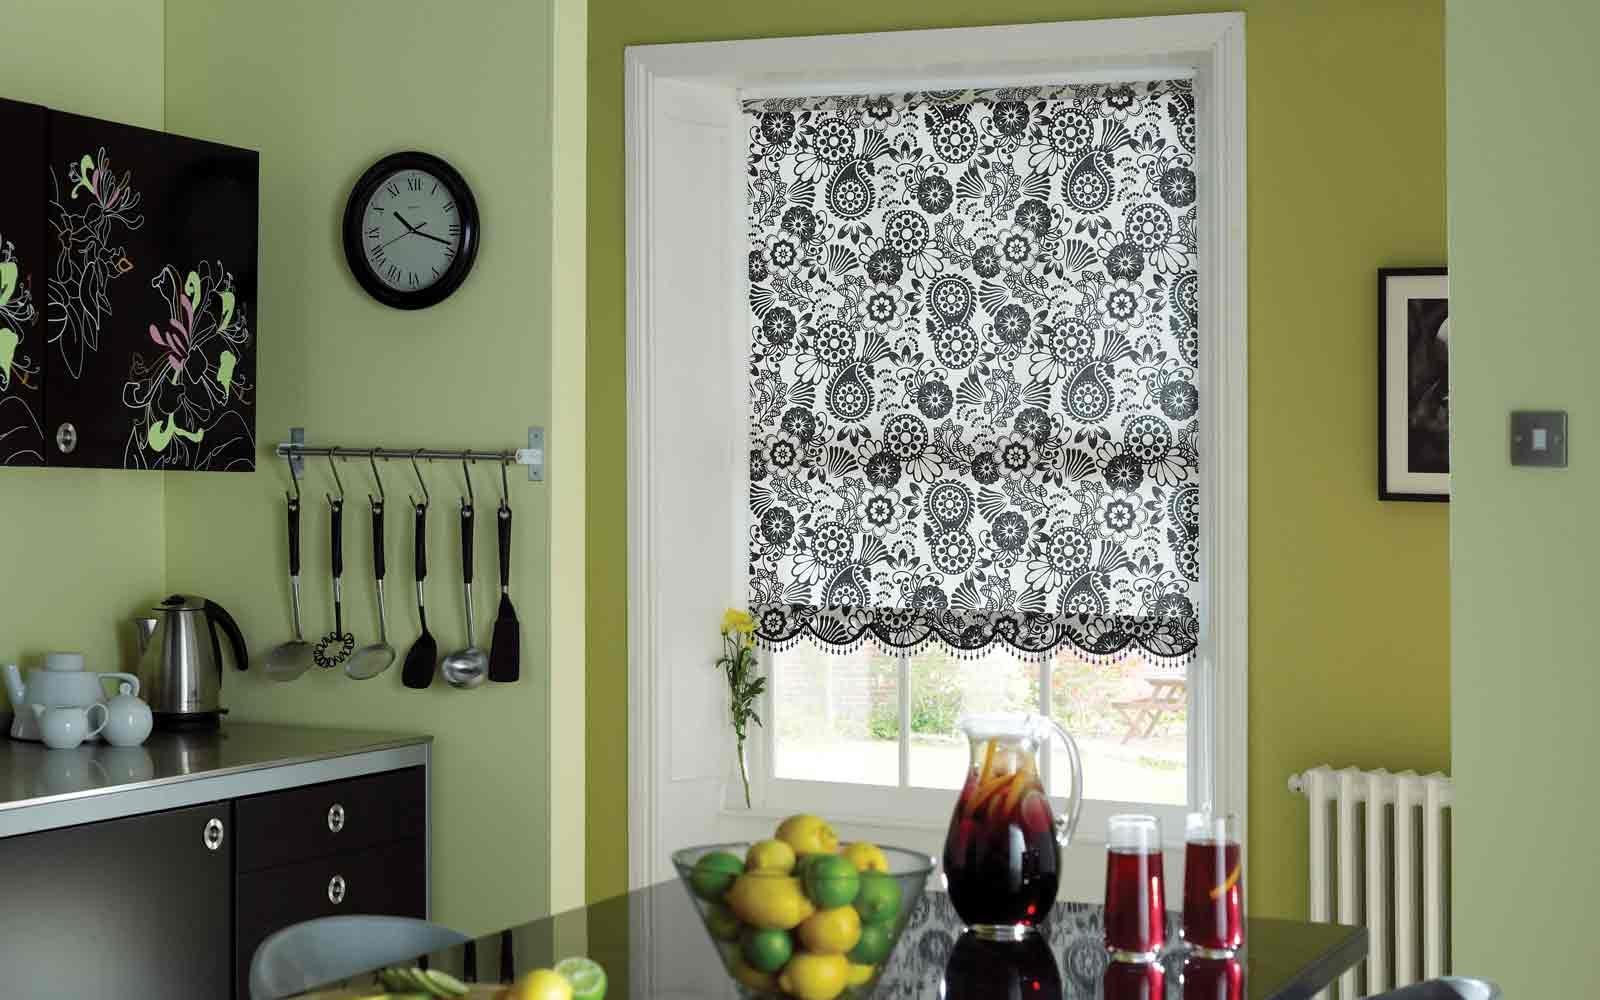 Engaging Kitchen Roller Blinds Pattern Roller Blind Kitchen With Pattern Roller Blinds (View 14 of 15)